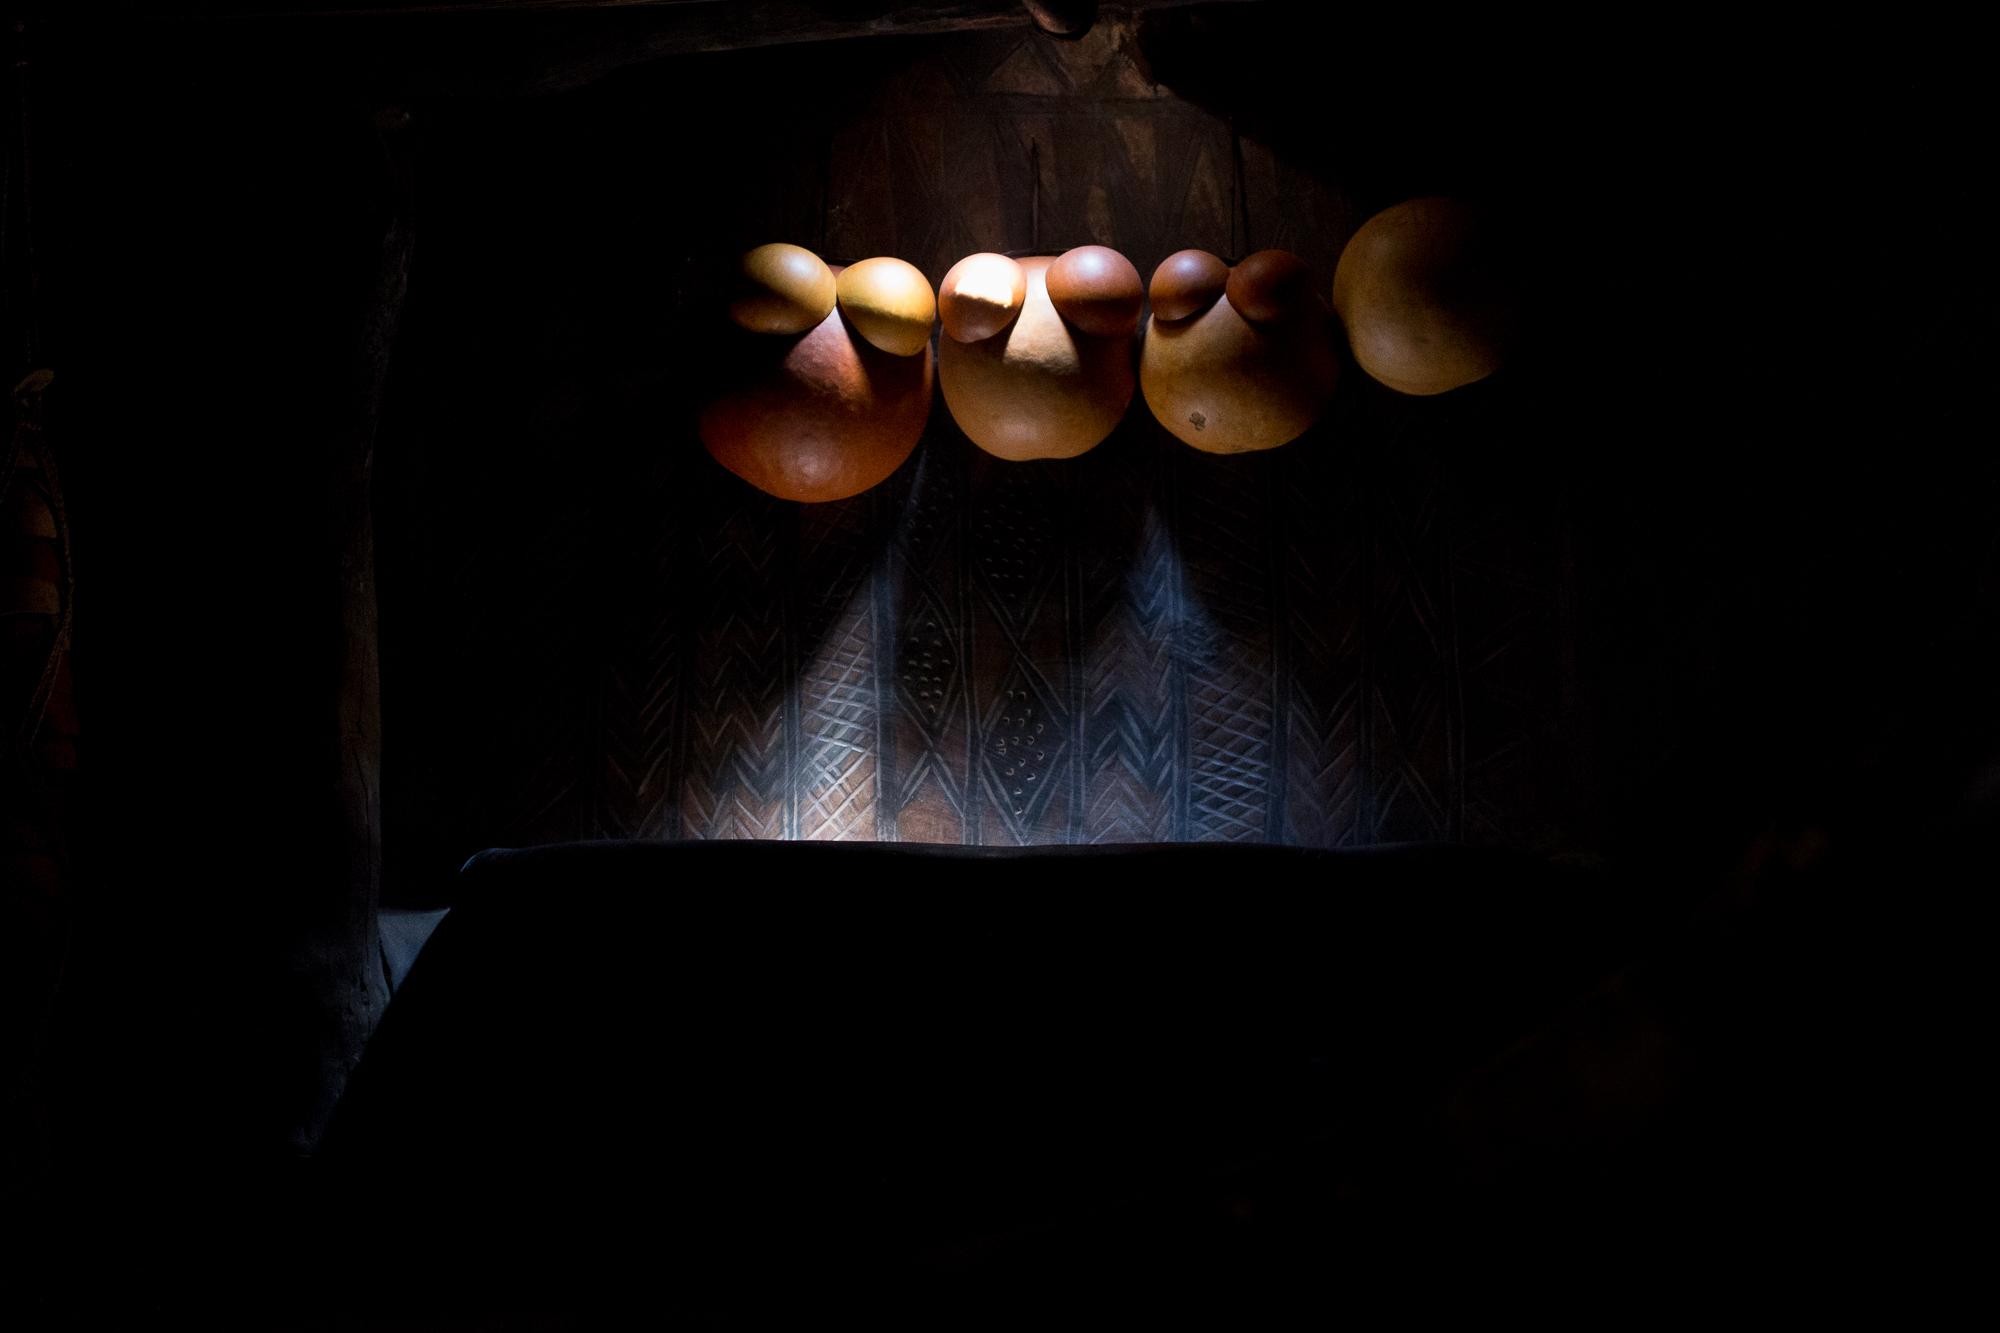 Calebasses suspendues dans l'obscurité d'une case du village de Tiébélé, Burkina faso